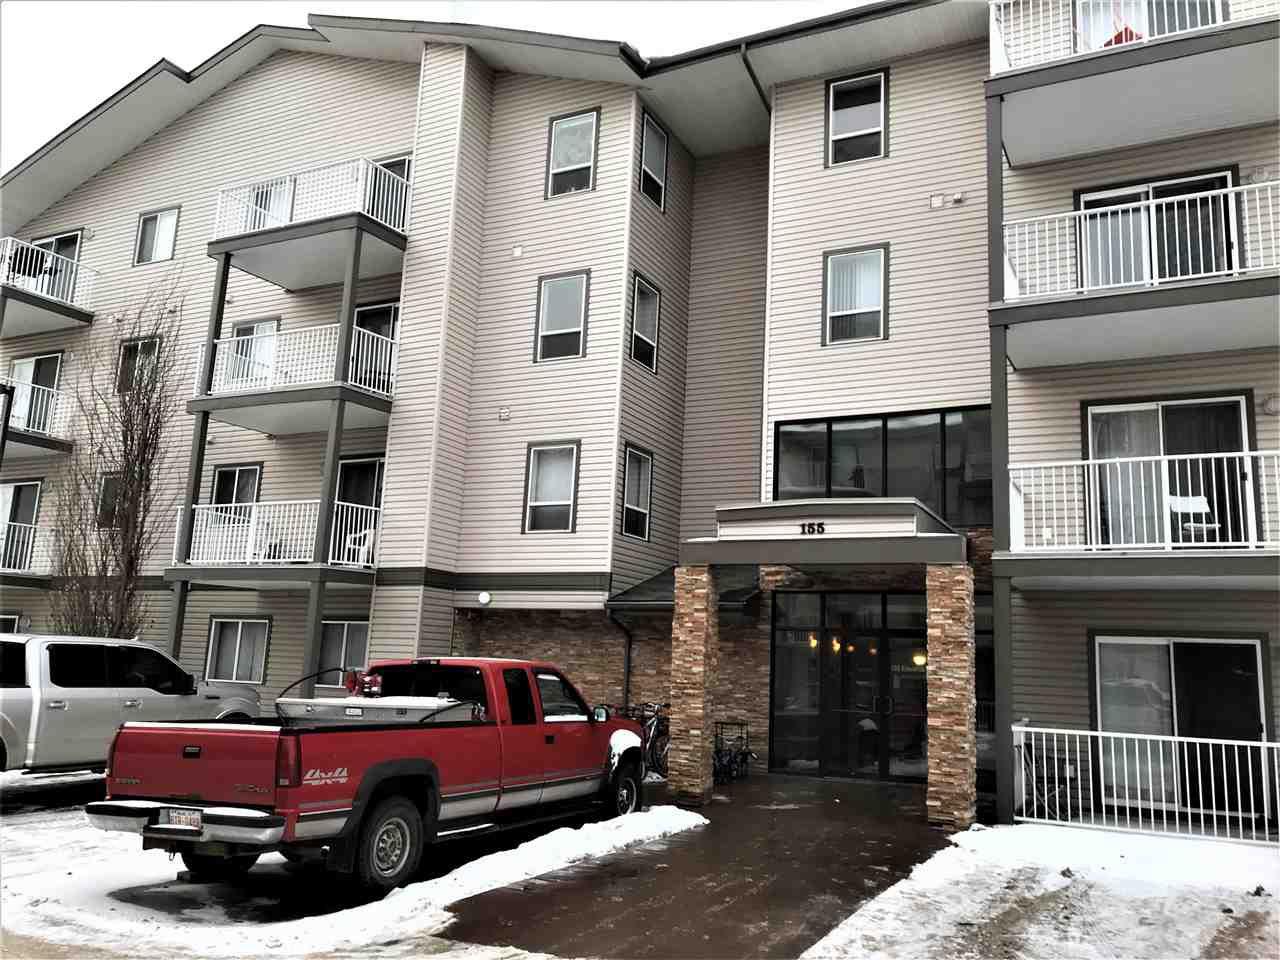 Main Photo: 118 155 EDWARDS Drive in Edmonton: Zone 53 Condo for sale : MLS®# E4141814